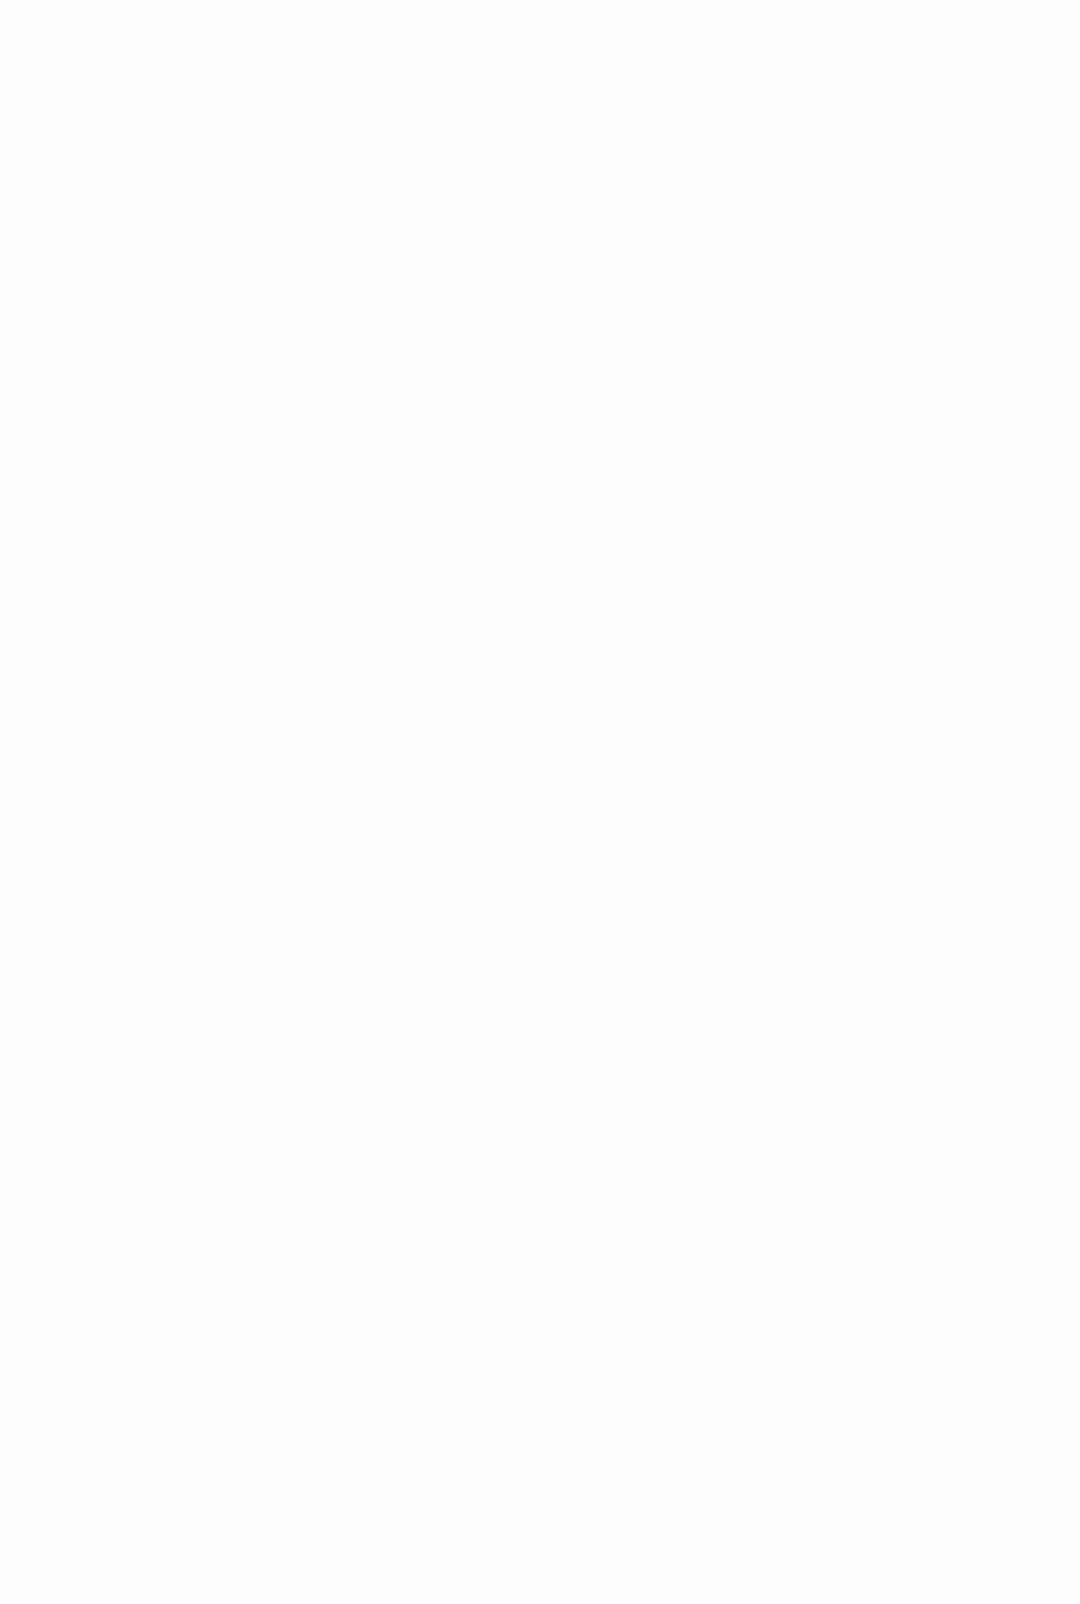 ショタ皇帝兄弟に捕われた爆乳女騎士とメイド長の爆乳黒騎士…2人でどっちがショタを気持ちよくできるか勝負したりなどトロ顔4Pセックスしちゃう!【Kloah:ショタ皇帝兄弟に捕われた爆乳女騎士2】